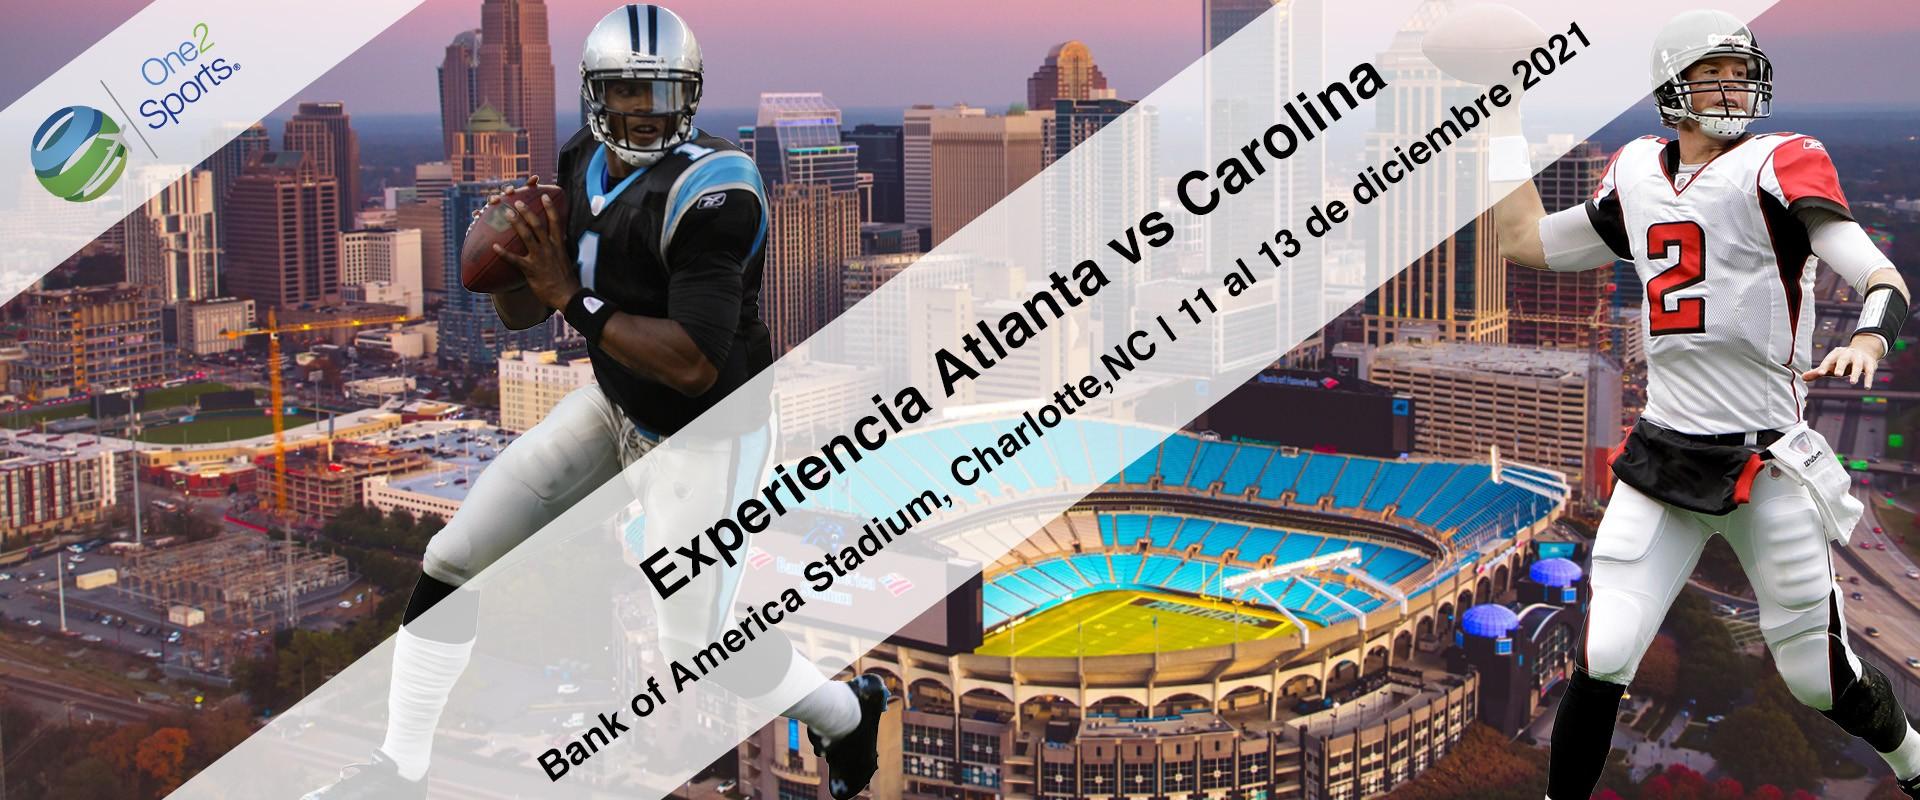 Carolina vs Atlanta